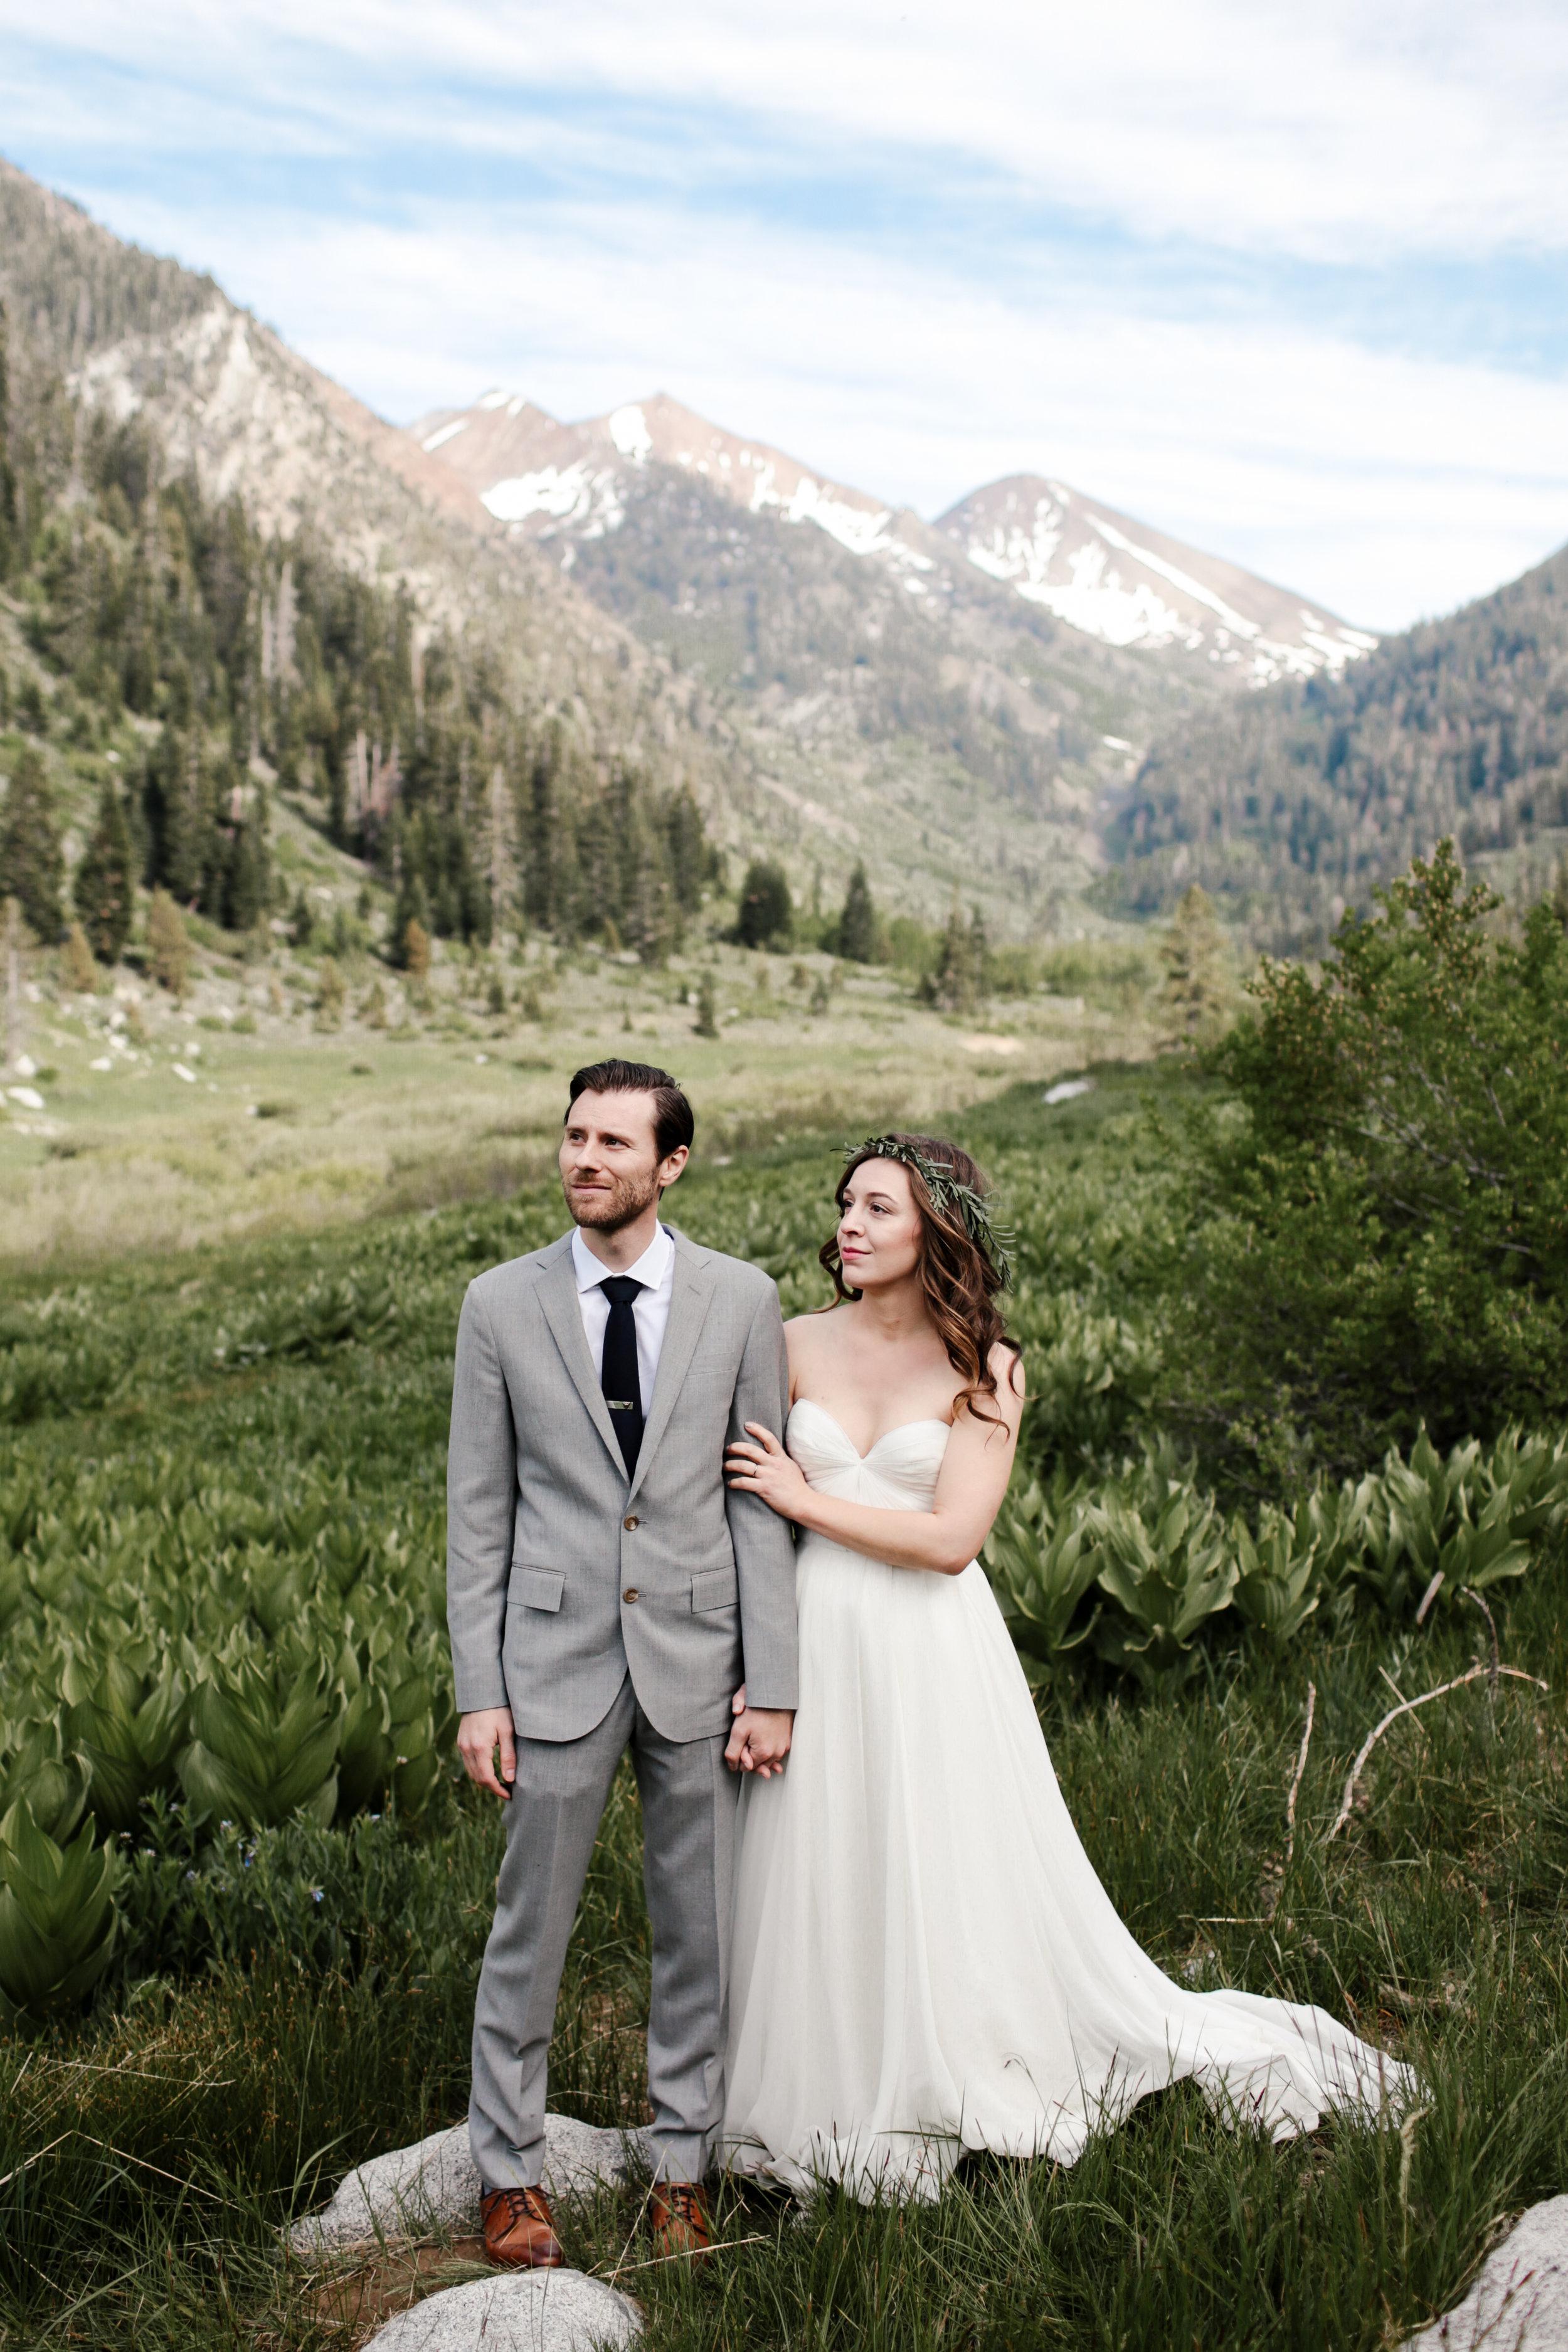 Lauren & Jeff // Mineral King, California // 2016